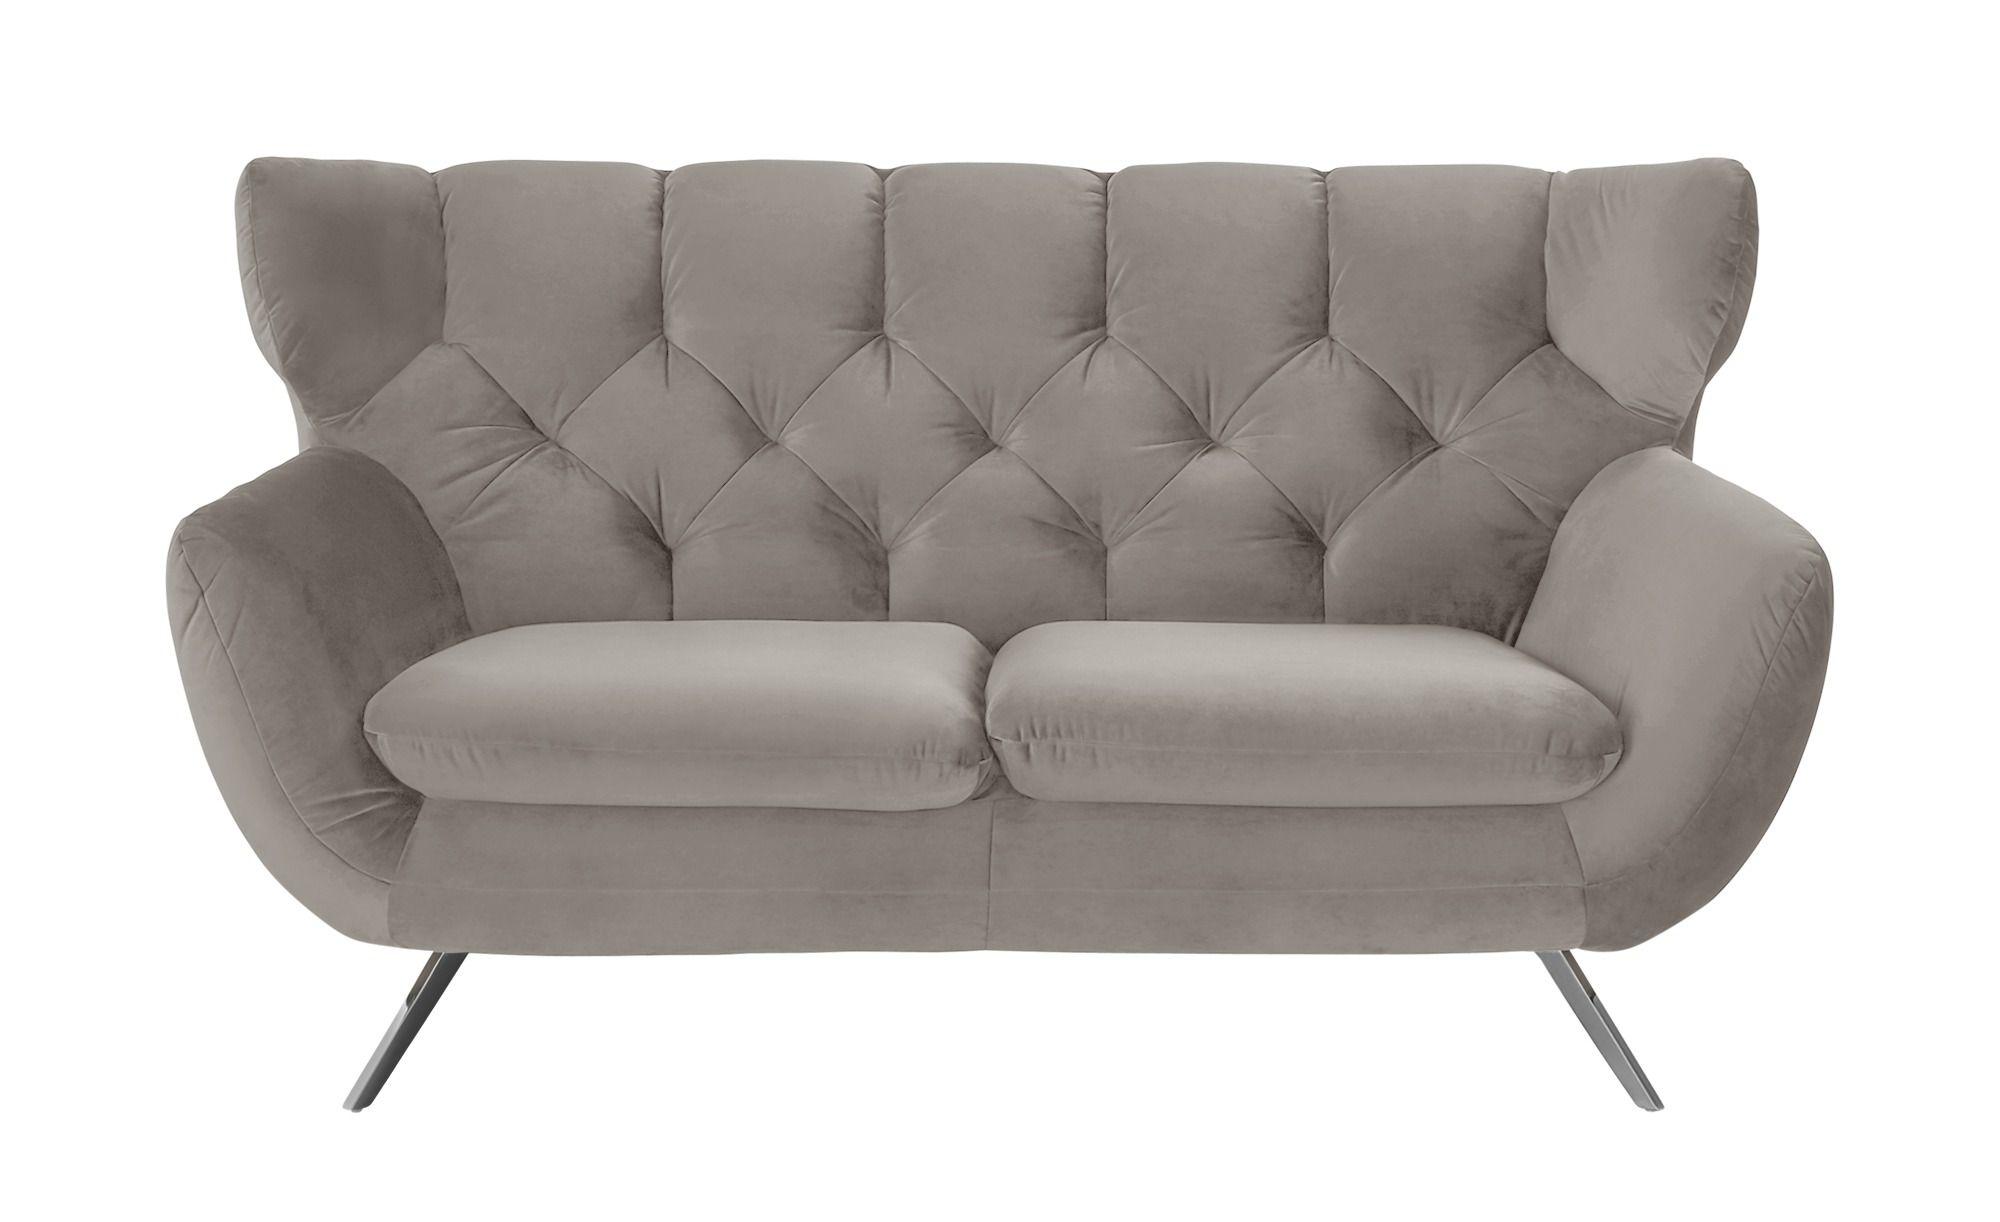 Sofa Caldara Grau Masse Cm B 175 H 94 T 95 Polstermobel Sofas 2 Sitzer Hoffner Jetzt Bestellen Unter Mit Bildern Sofa Beige Big Sofa Kaufen 3 Sitzer Sofa